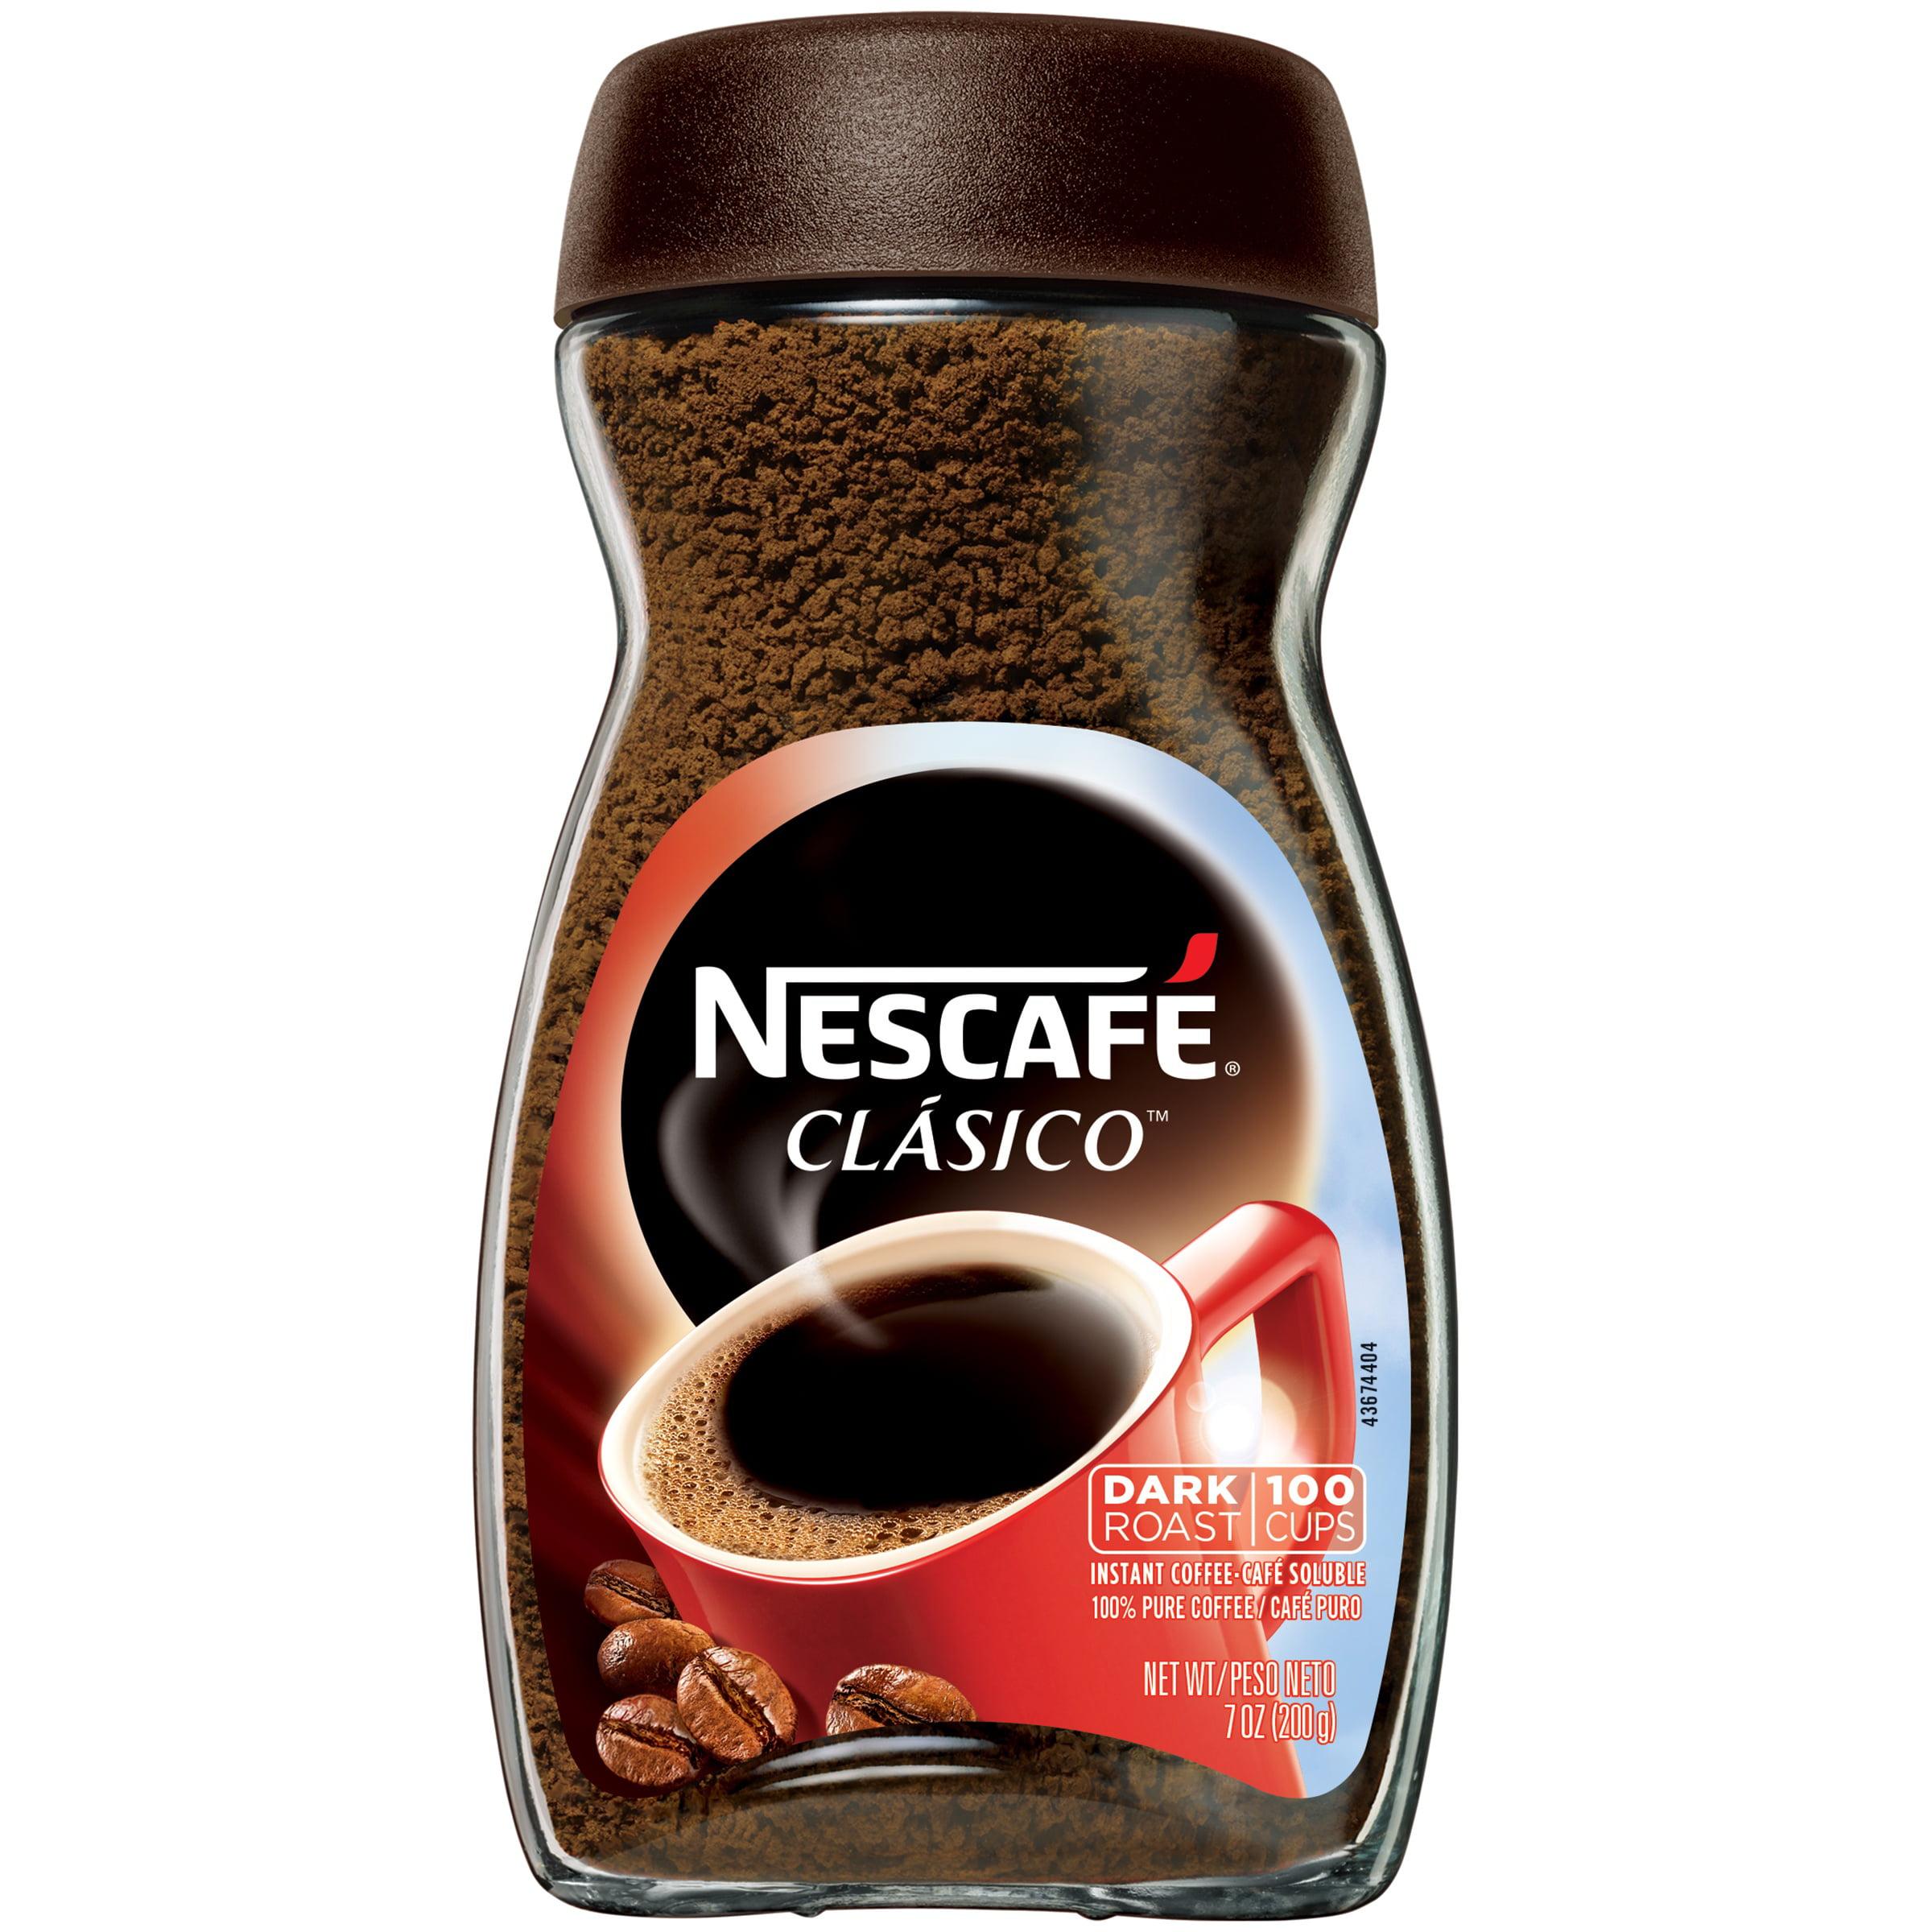 NESCAFE CLASICO Instant Coffee 7 oz. Jar